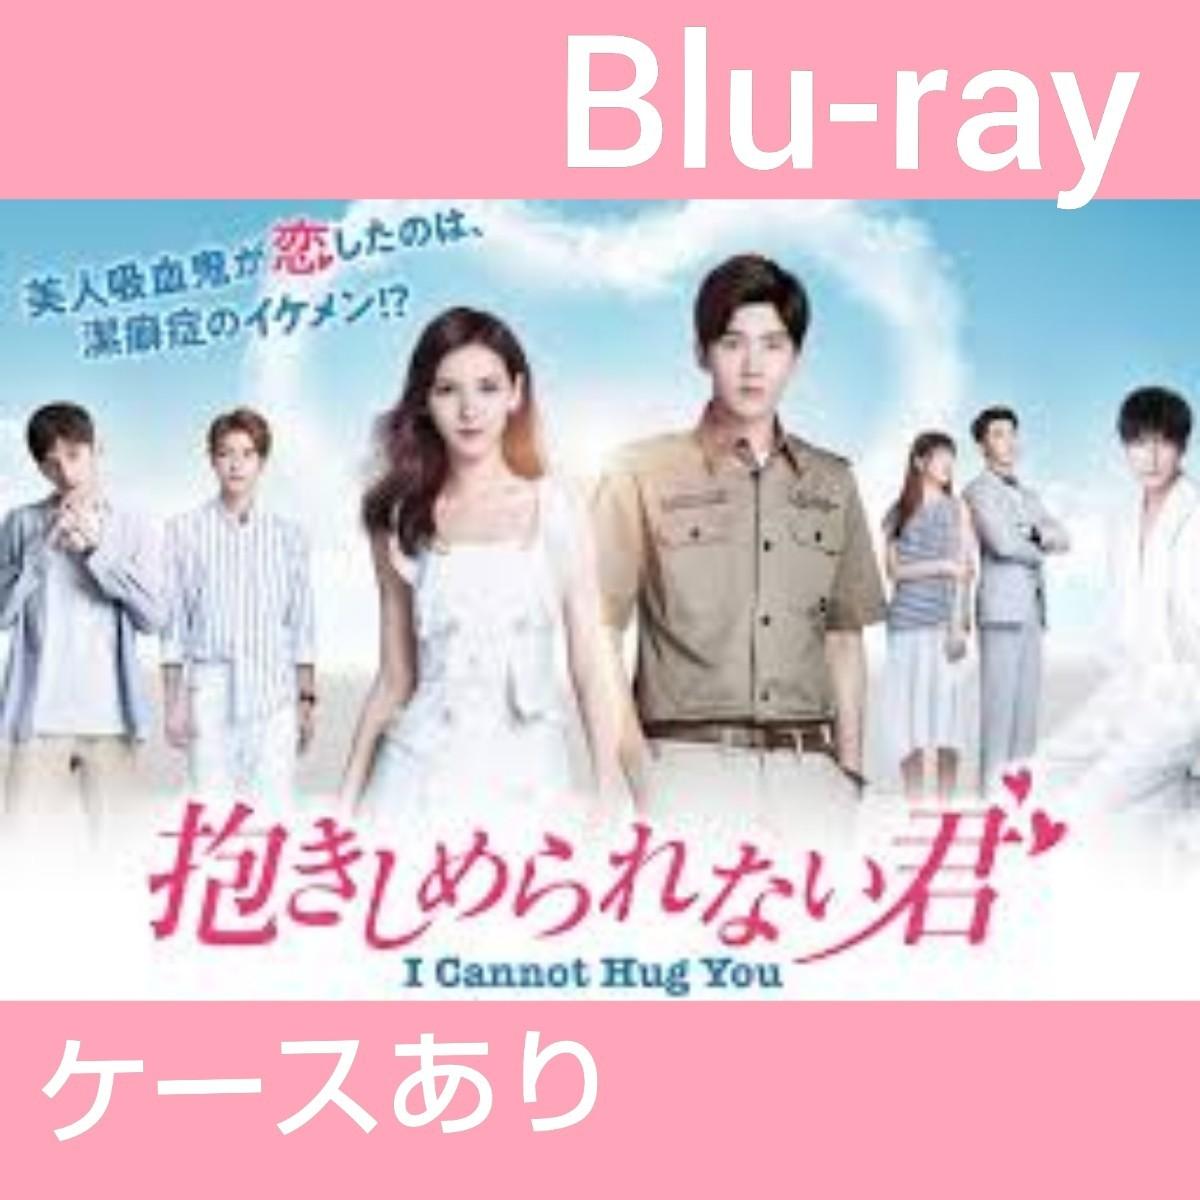 中国ドラマ 抱きしめられない君  全話 シーズン1 Blu-ray